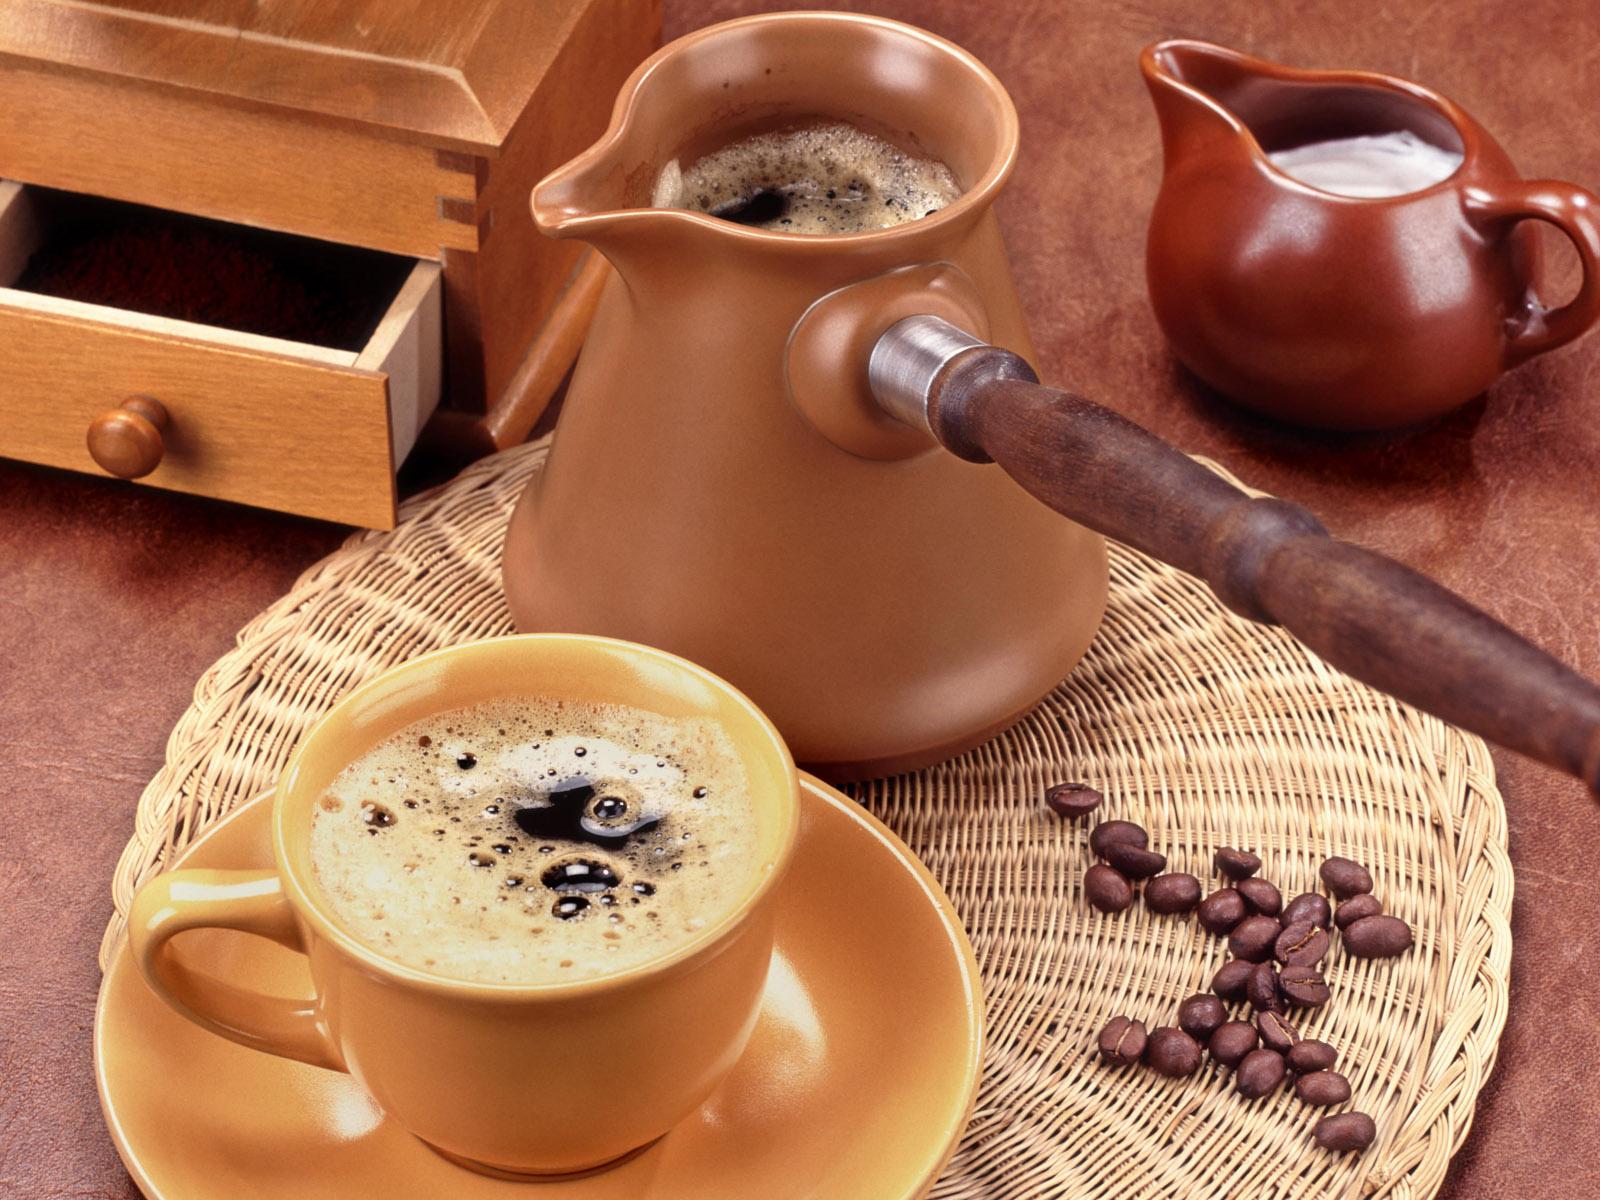 http://www.coffeemag.ru/himages/postimg/images/art7724.jpg